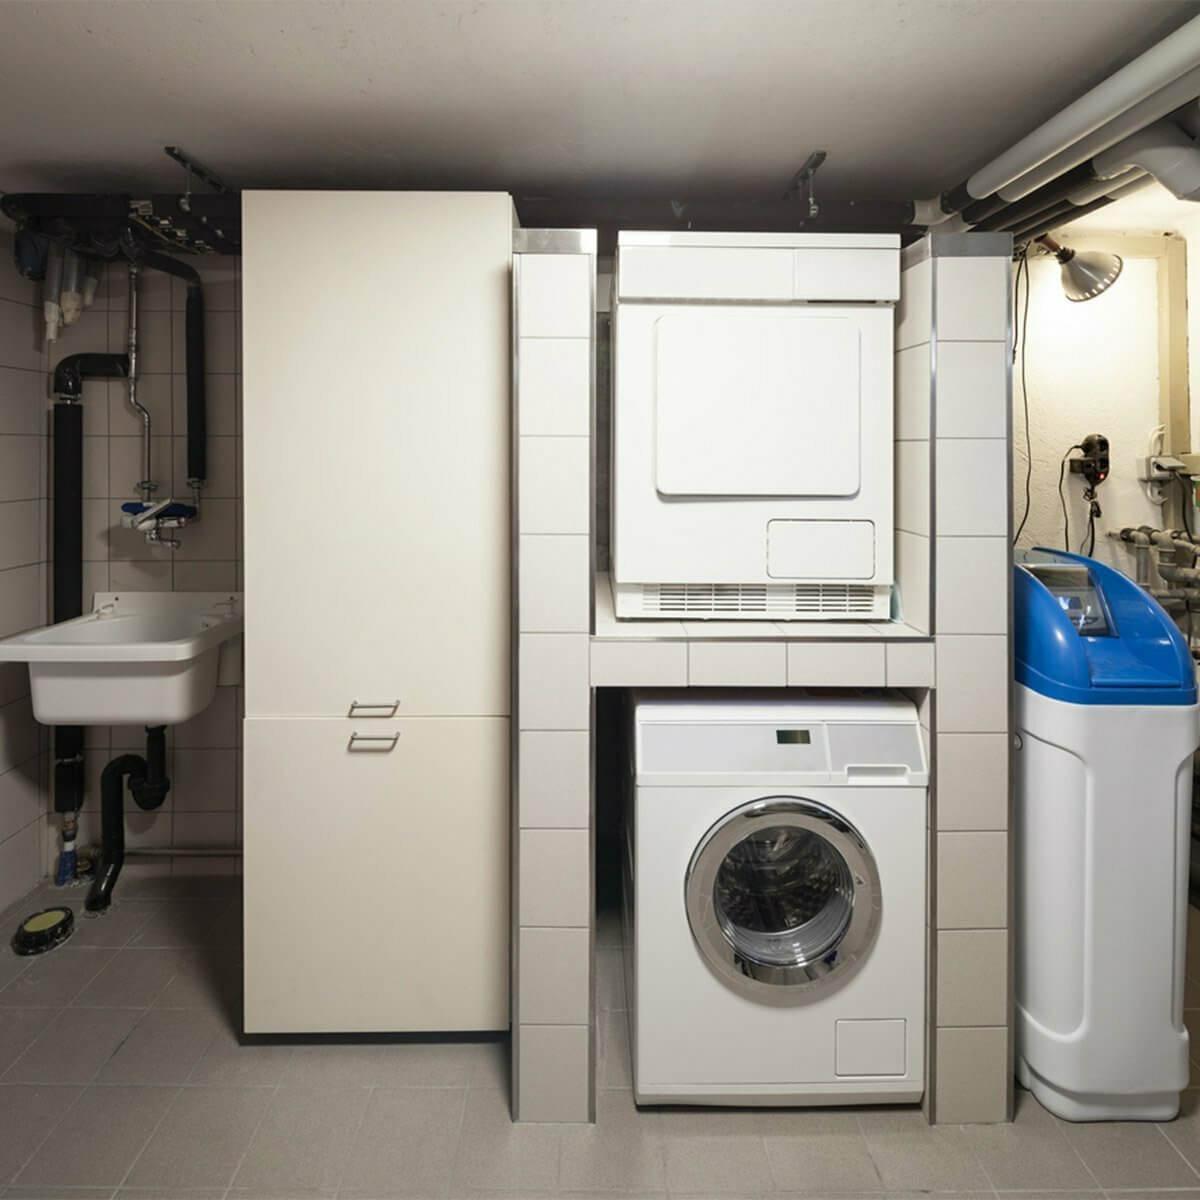 У стиральной машины не работает отжим? Позвоните нам – мы подскажем, что нужно делать